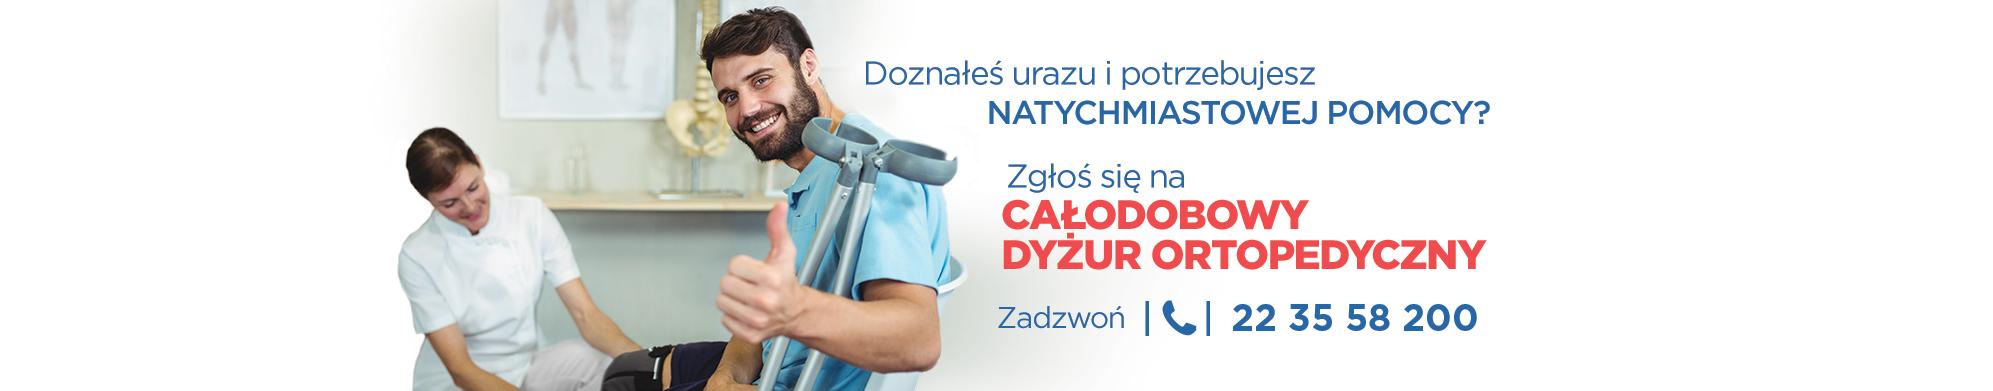 Całodobowa pomoc ortopedyczna w Warszawie.